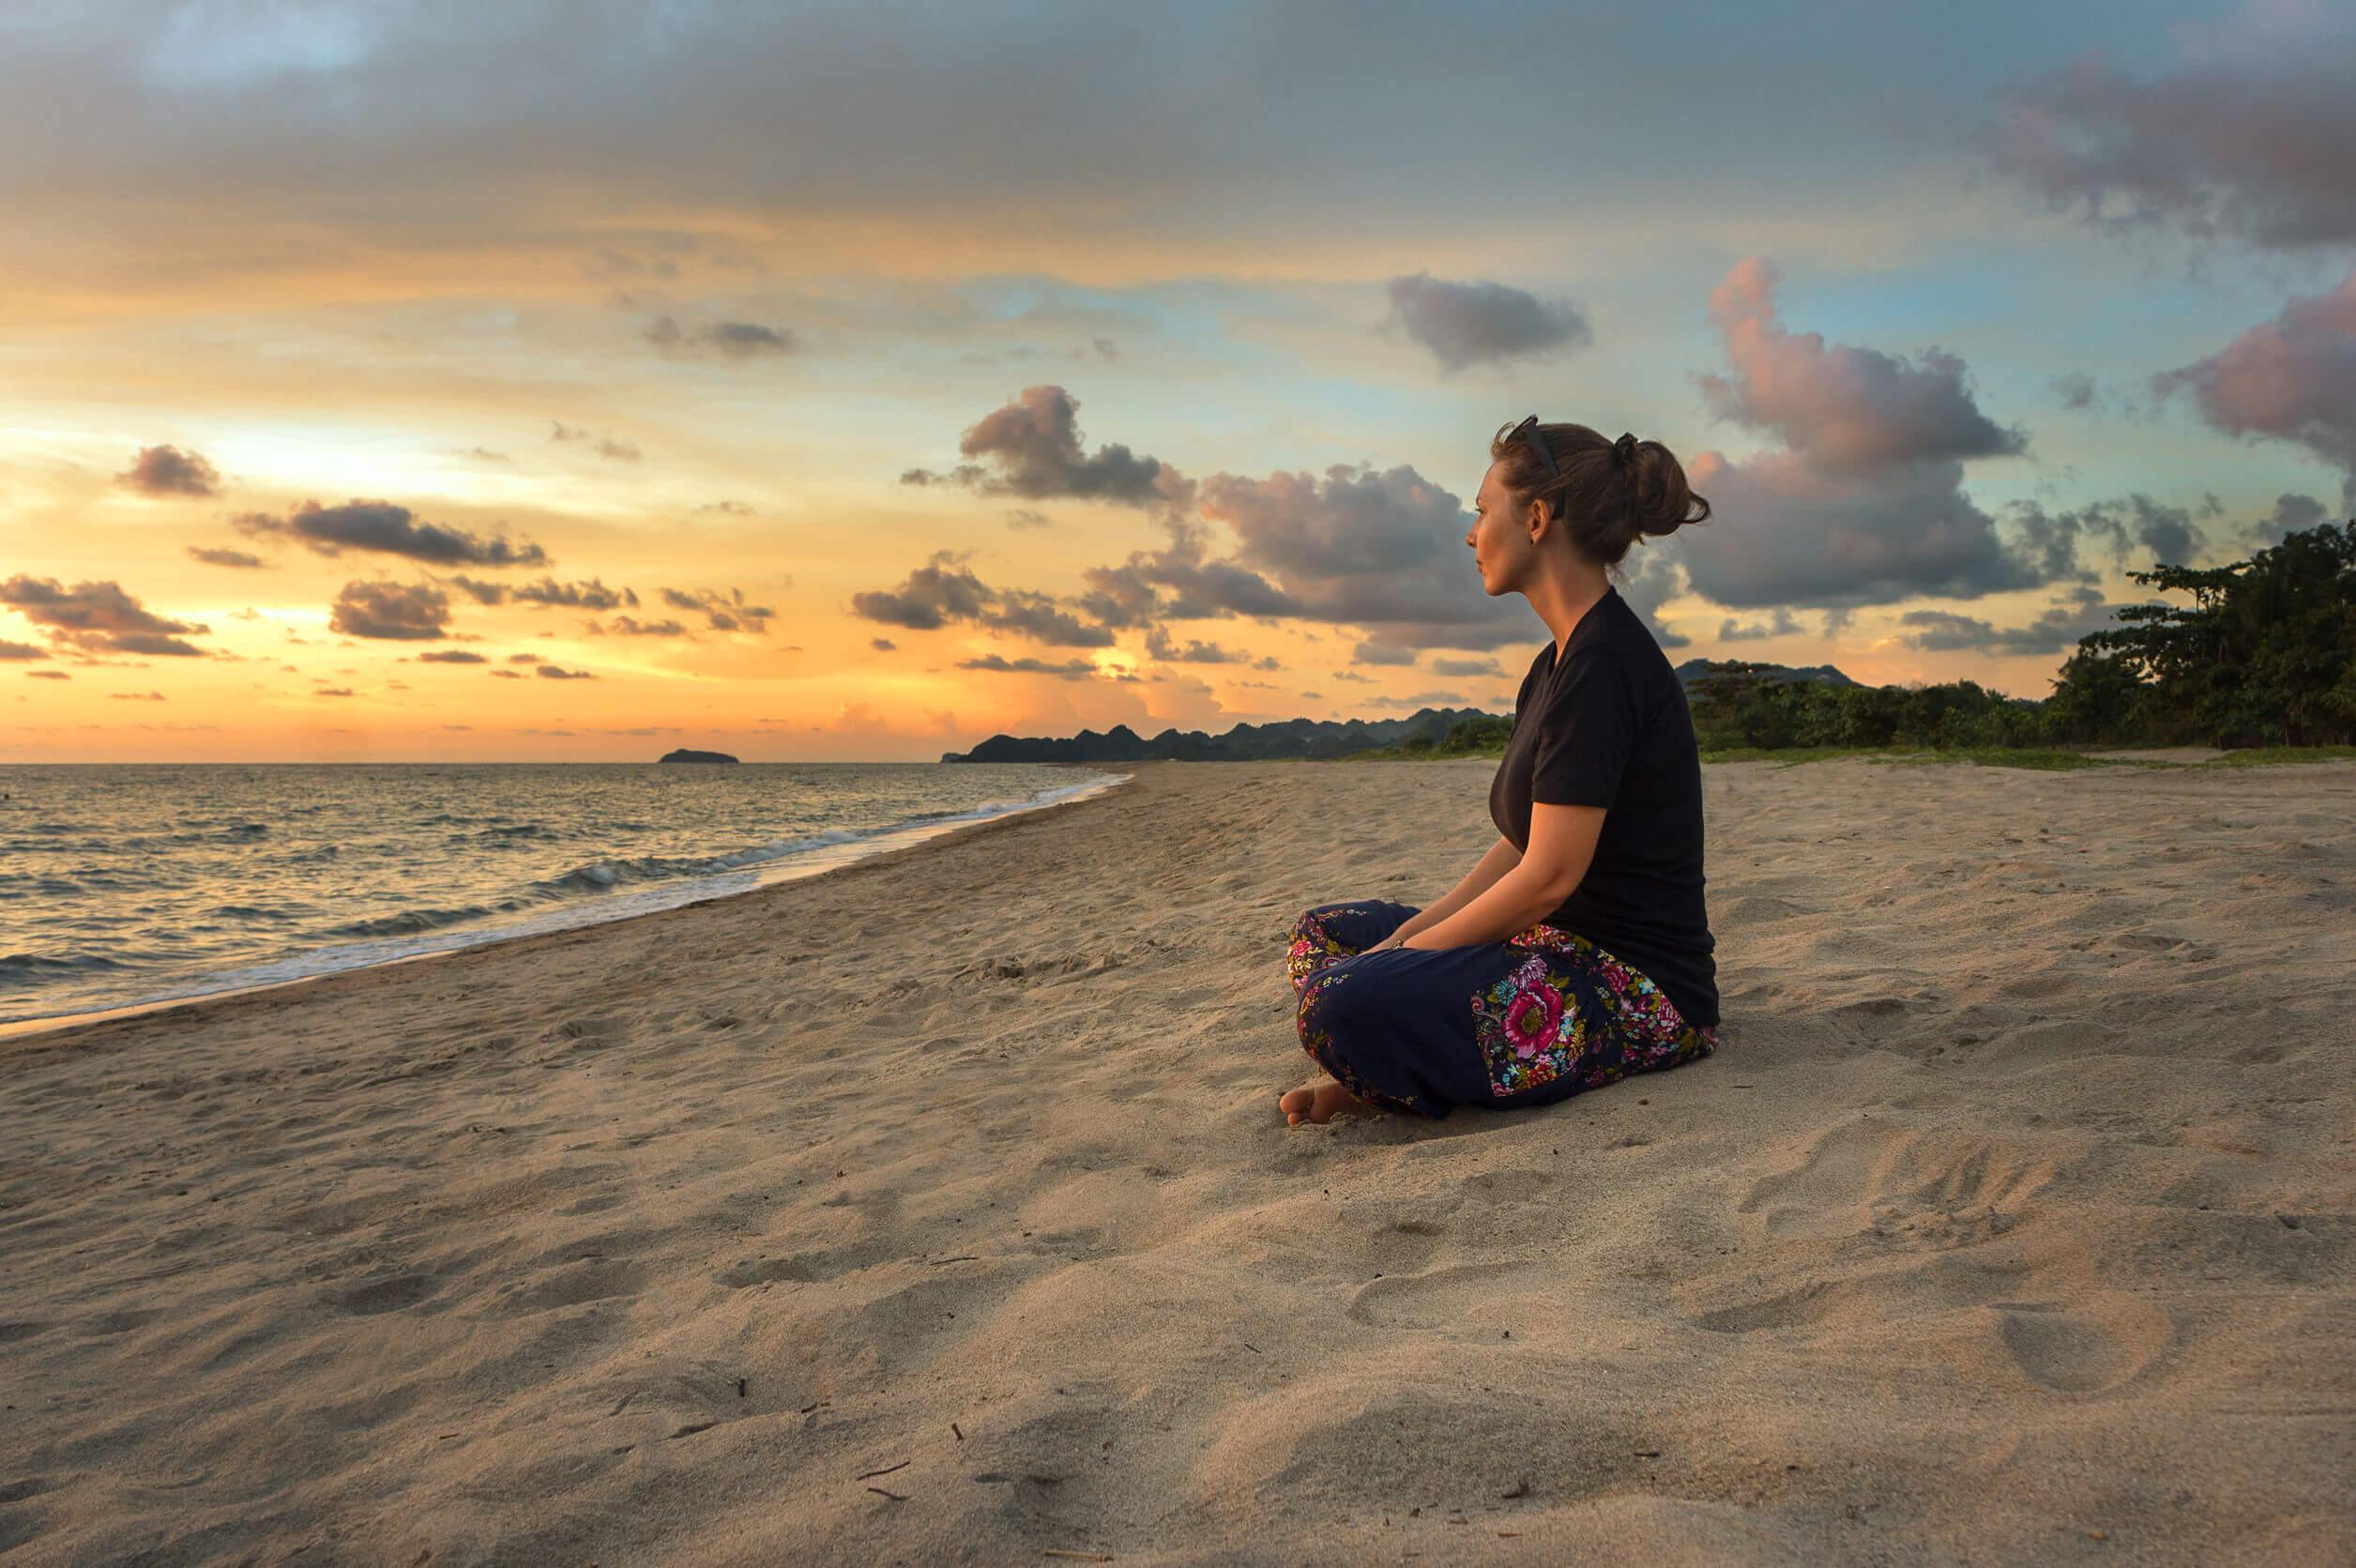 Los pasatiempos creativos incluyen meditar.